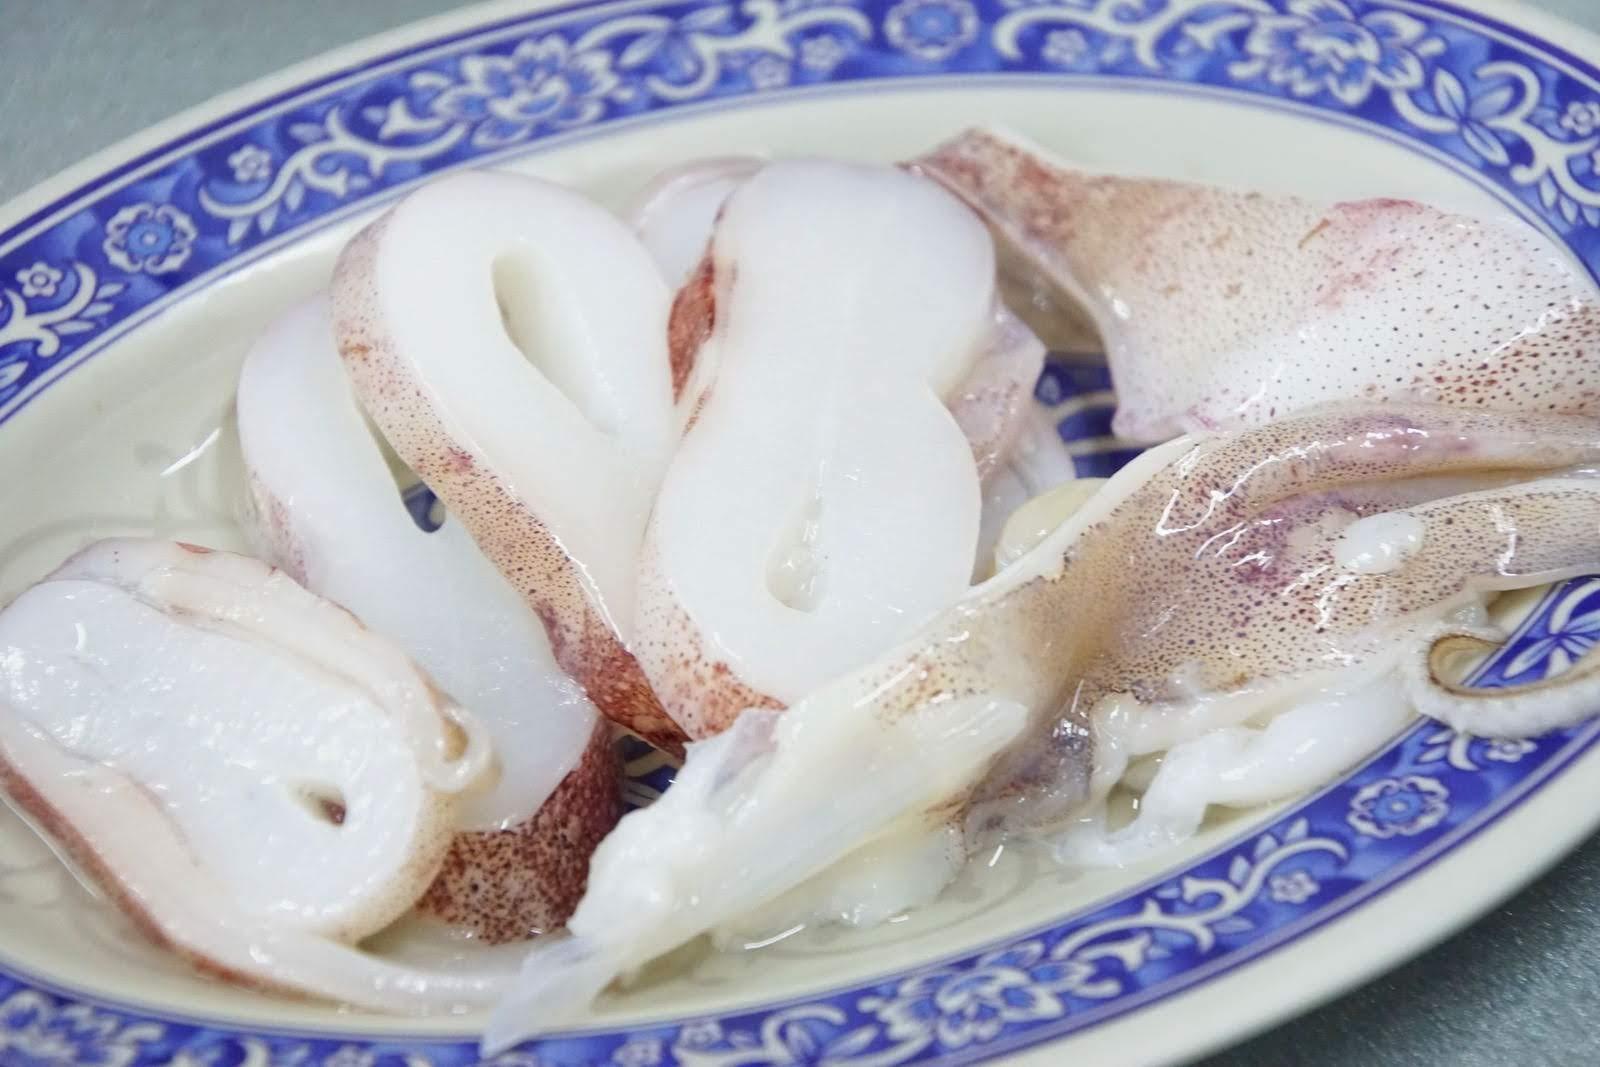 [台南][中西區] 瑞穗沙茶爐|原海安路華南市場前|食記